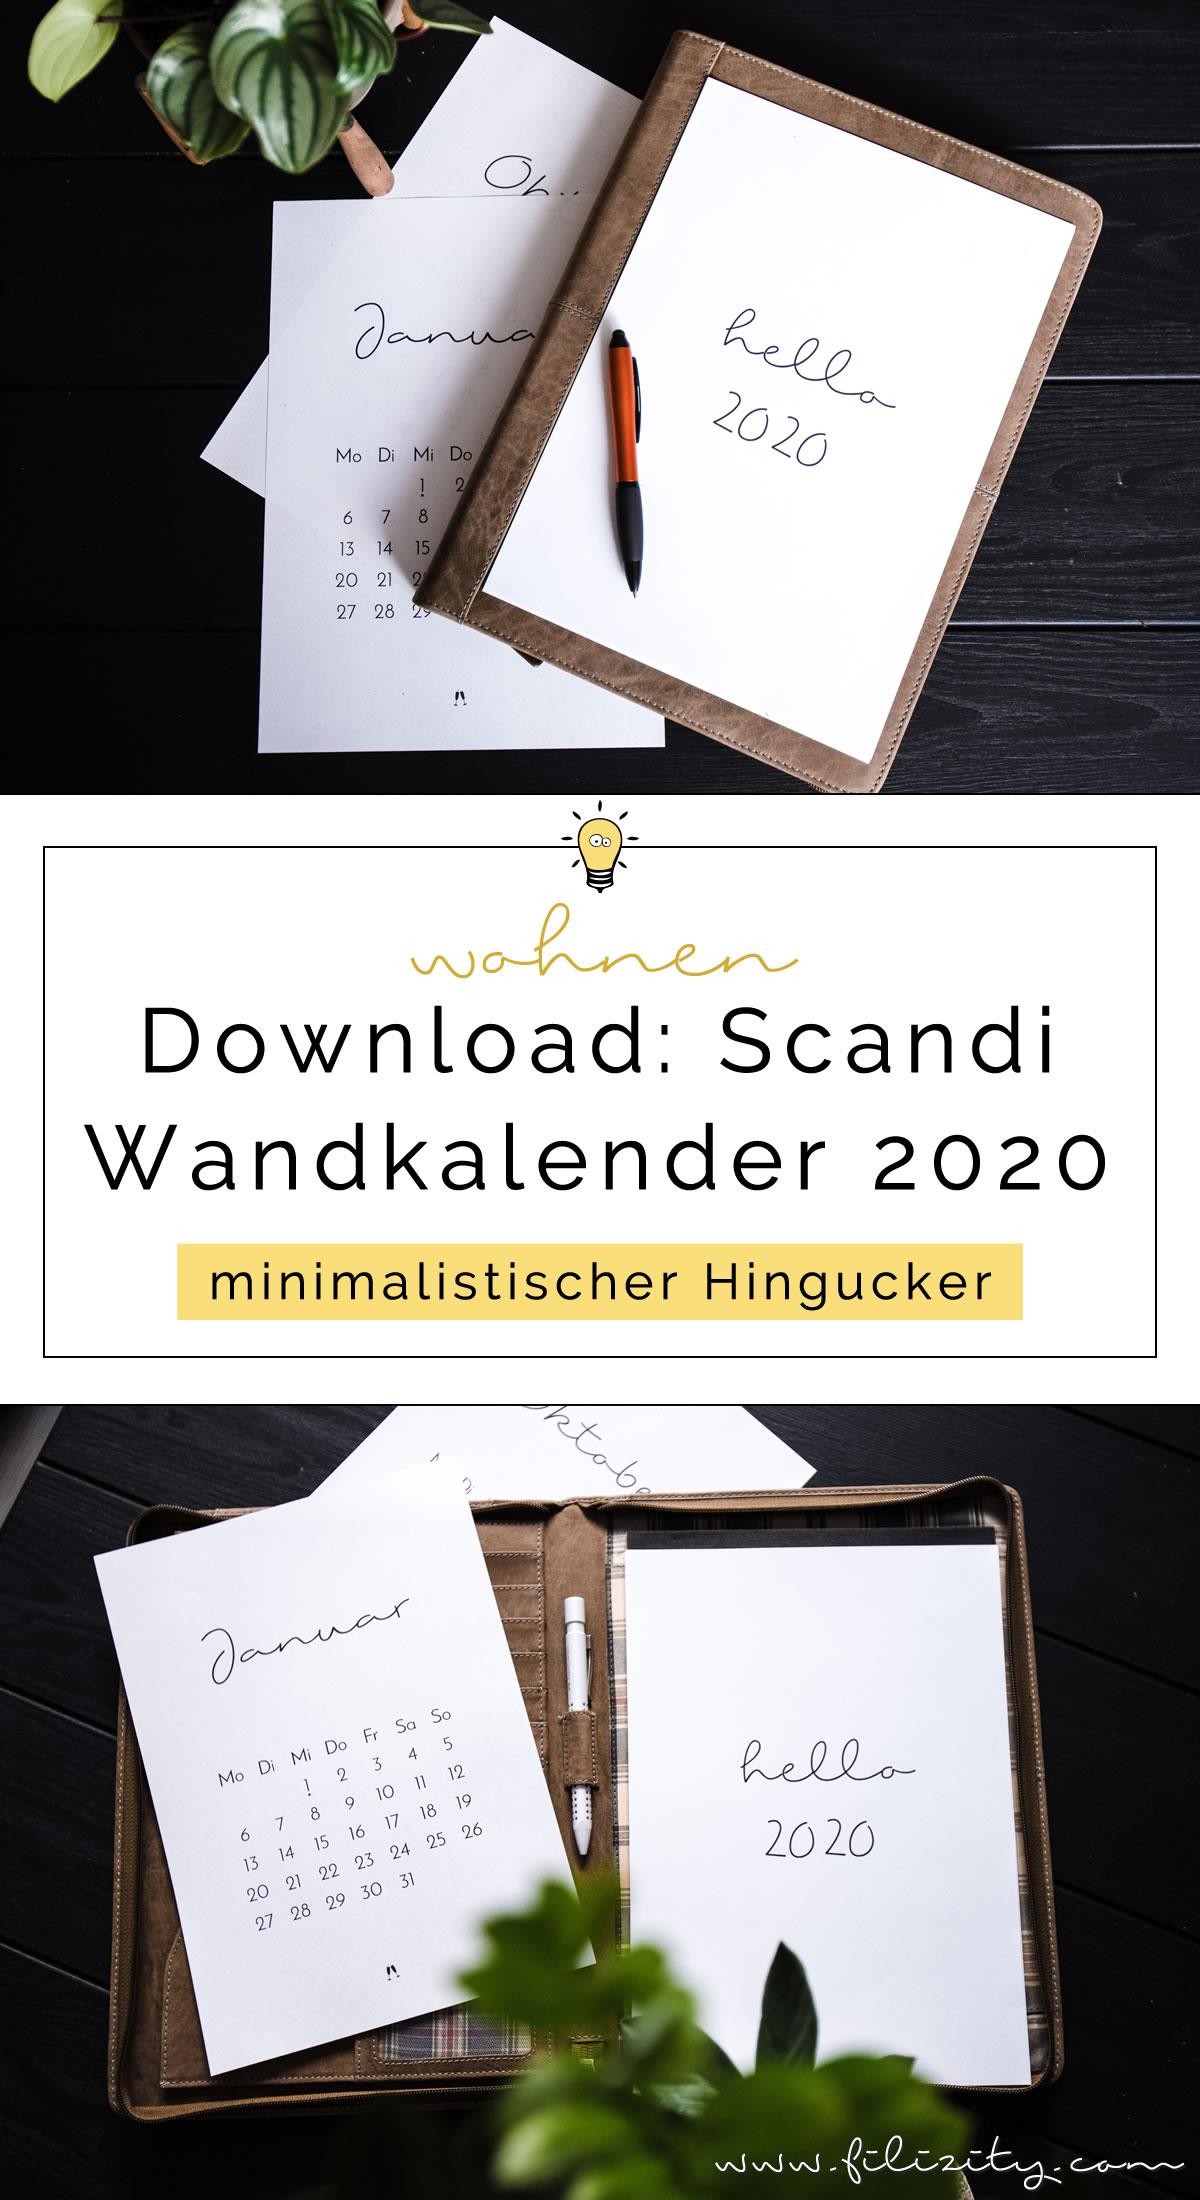 Minimalistischer Wand- & Tisch-Kalender 2020 - Druckvorlage   Filizity.com - Interior & DIY Blog und Shop